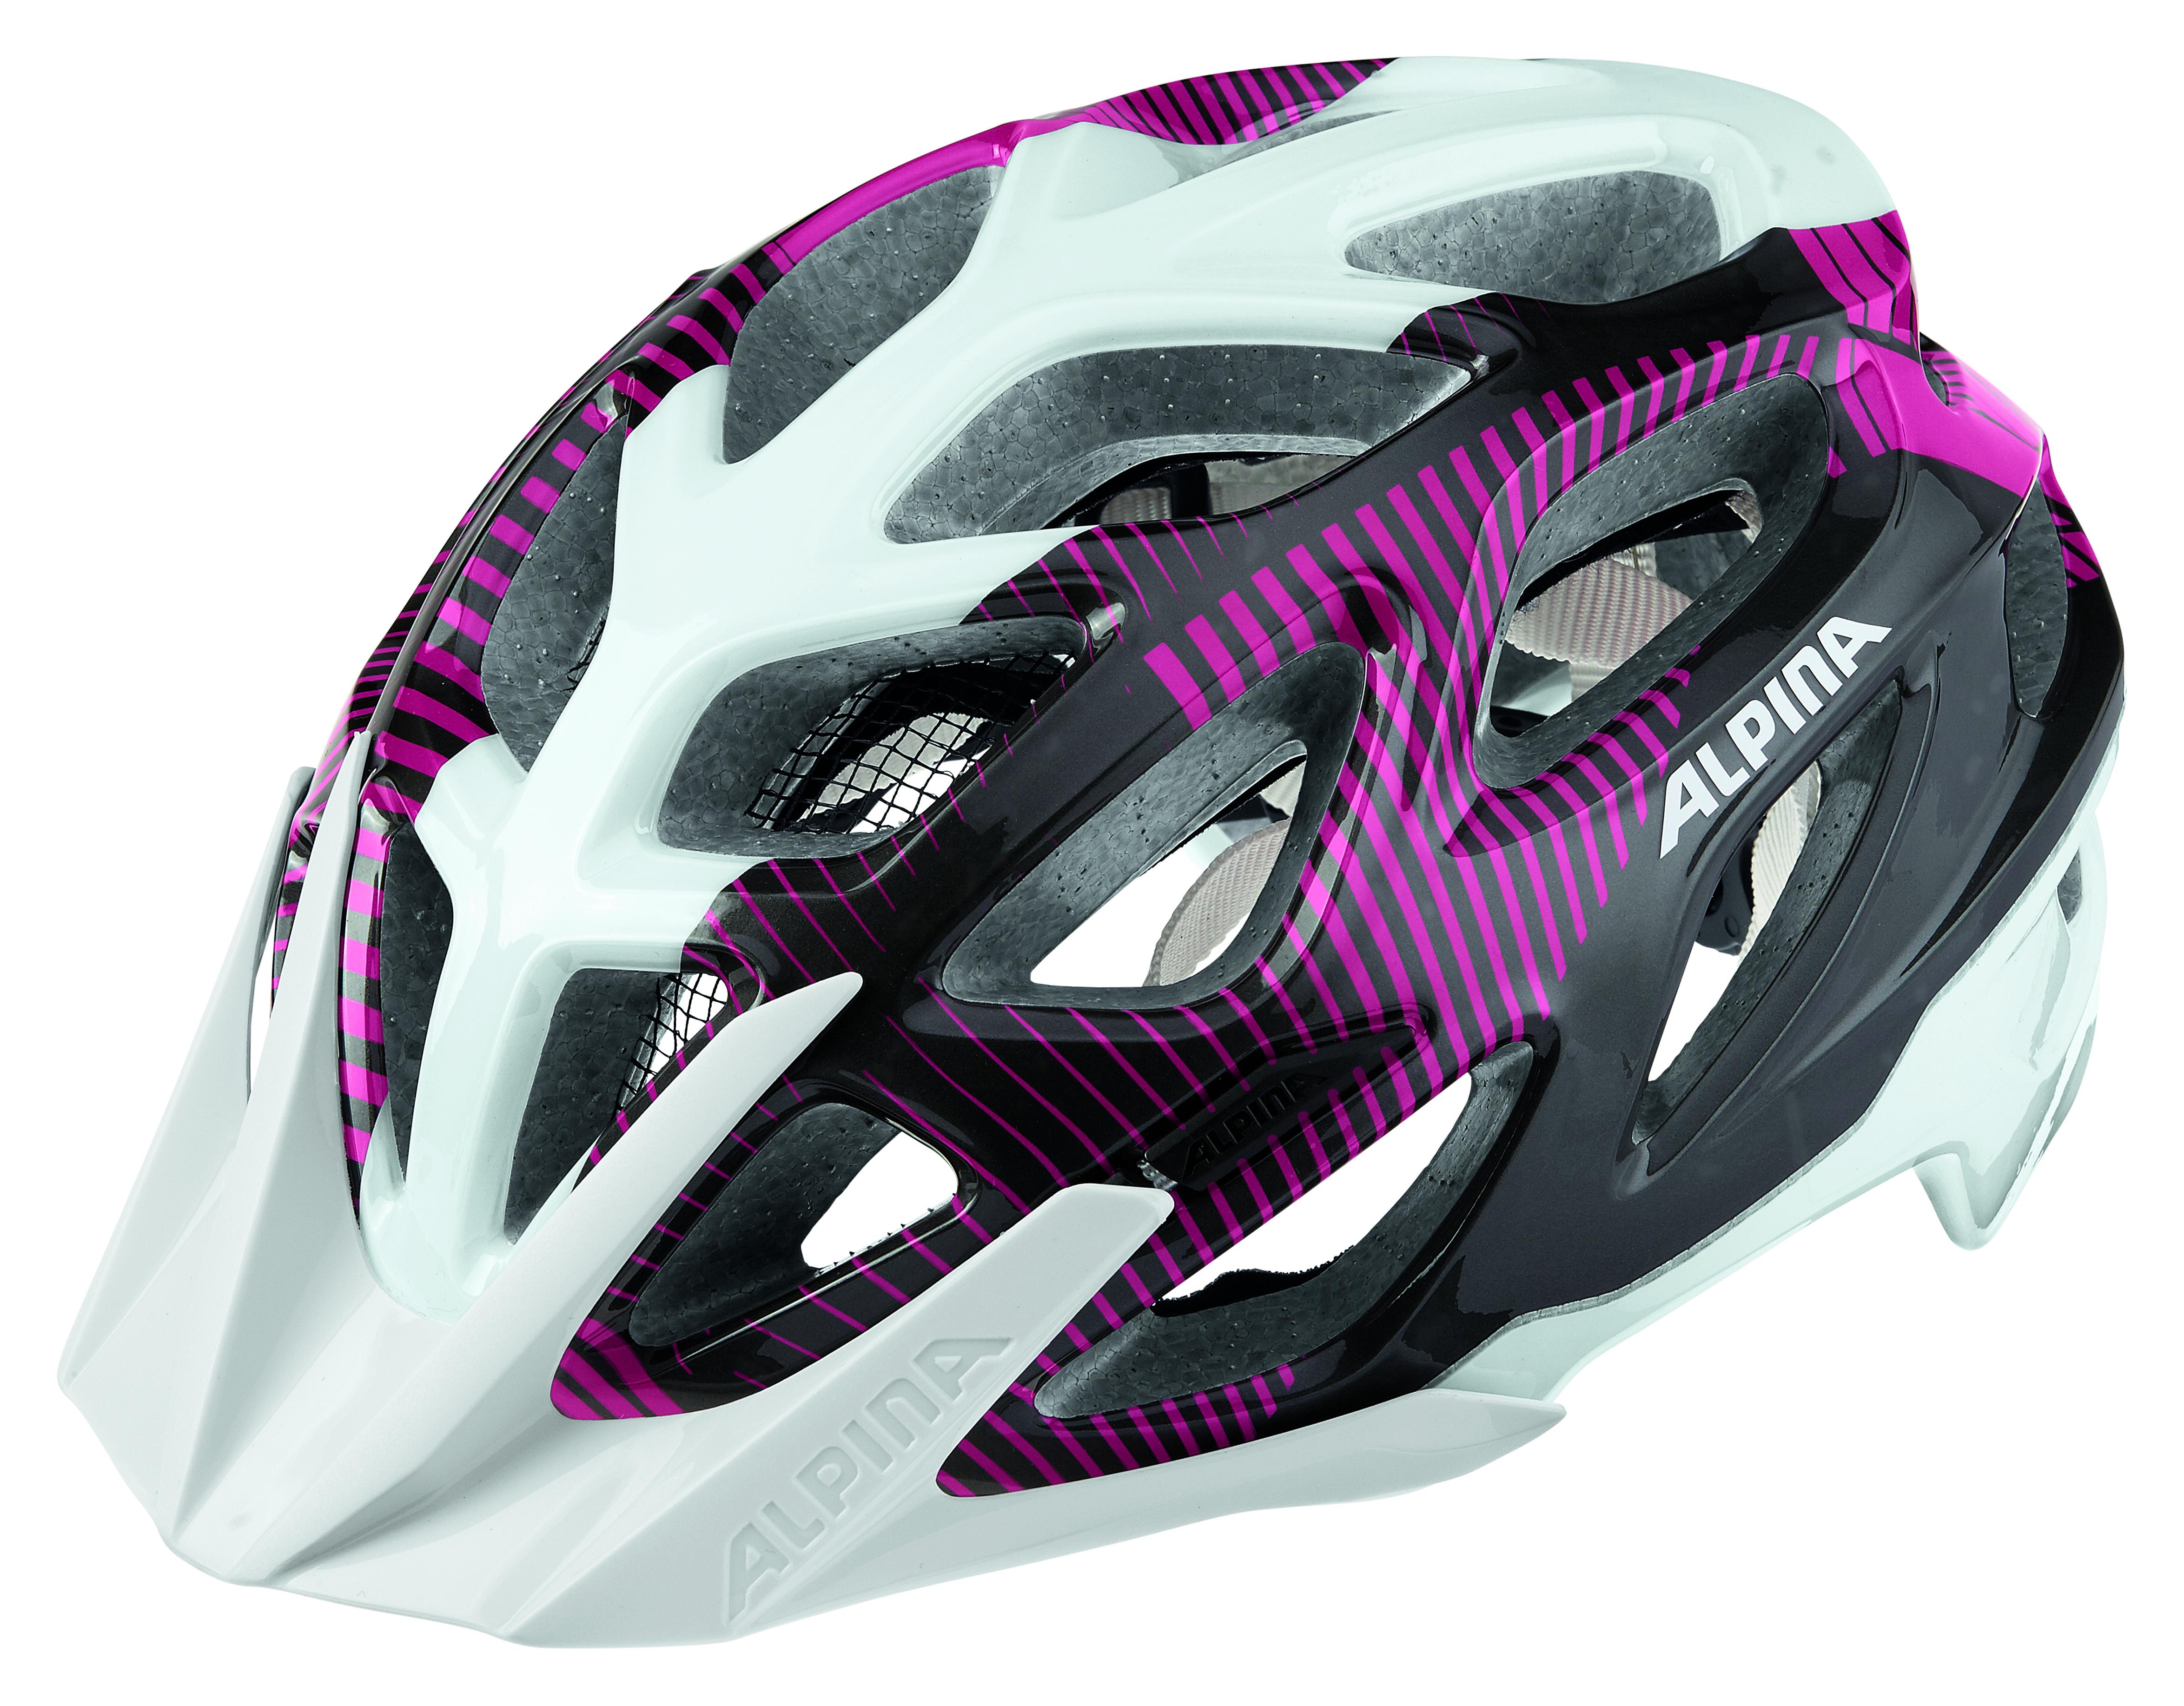 Велошлем Alpina 2018 Mythos 3.0 white-purple-titanium, Велошлемы - арт. 1017200356